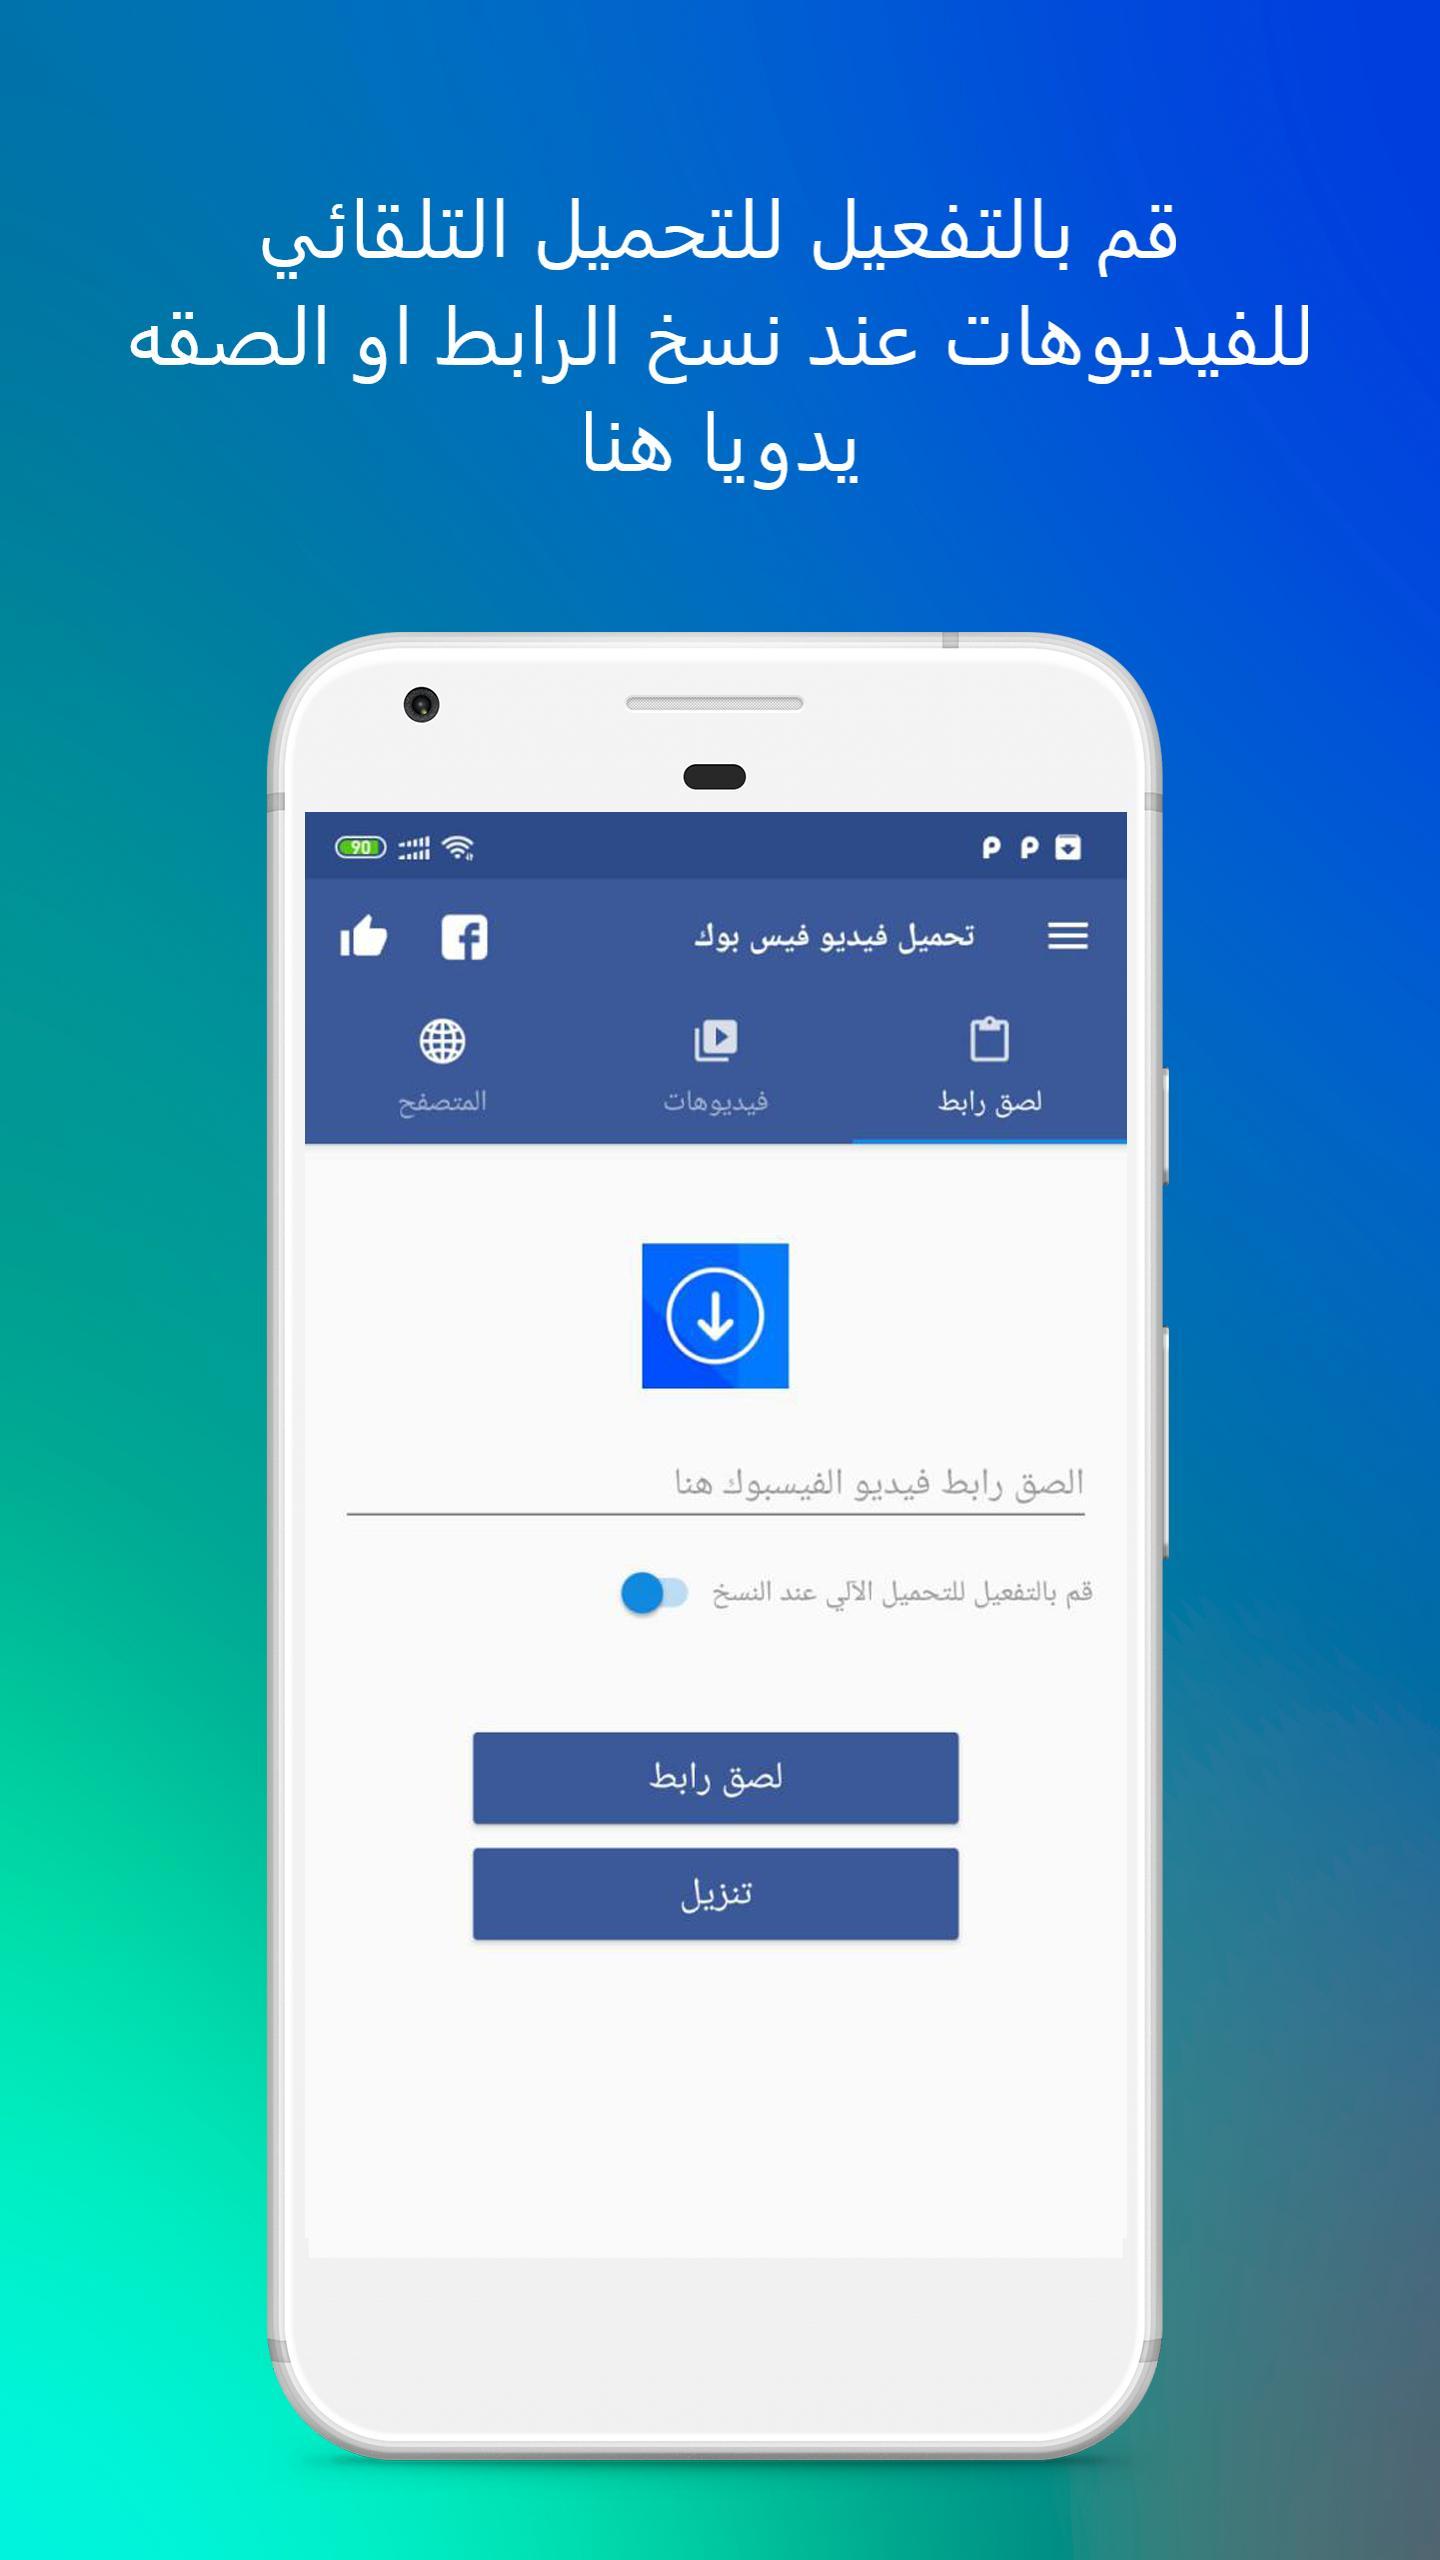 تحميل فيديو من الفيس بوك بدون تسجيل دخول For Android Apk Download